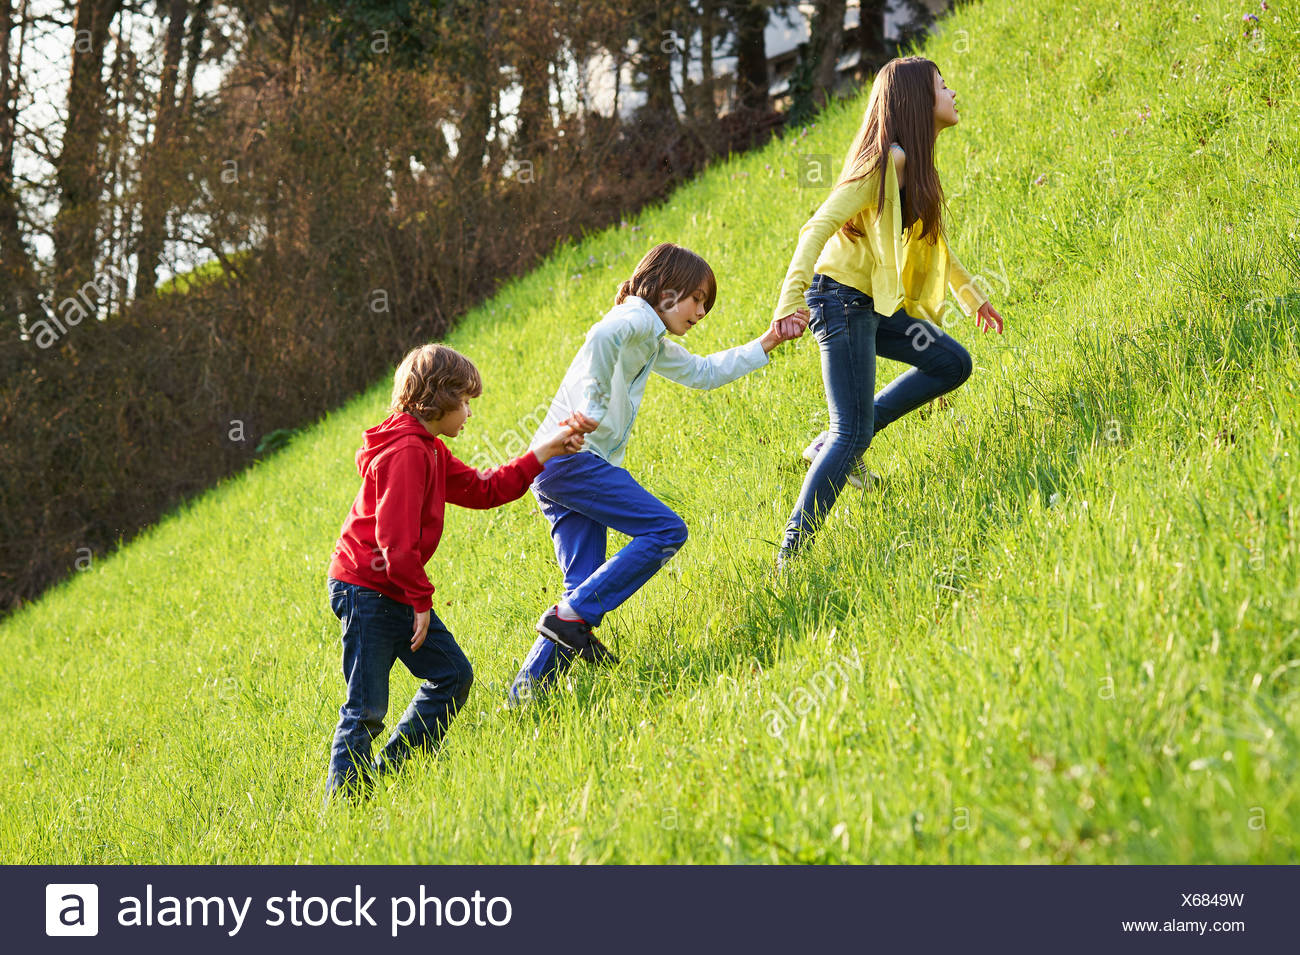 Jeunes Frères et soeur de grimper sur le terrain herbeux Photo Stock